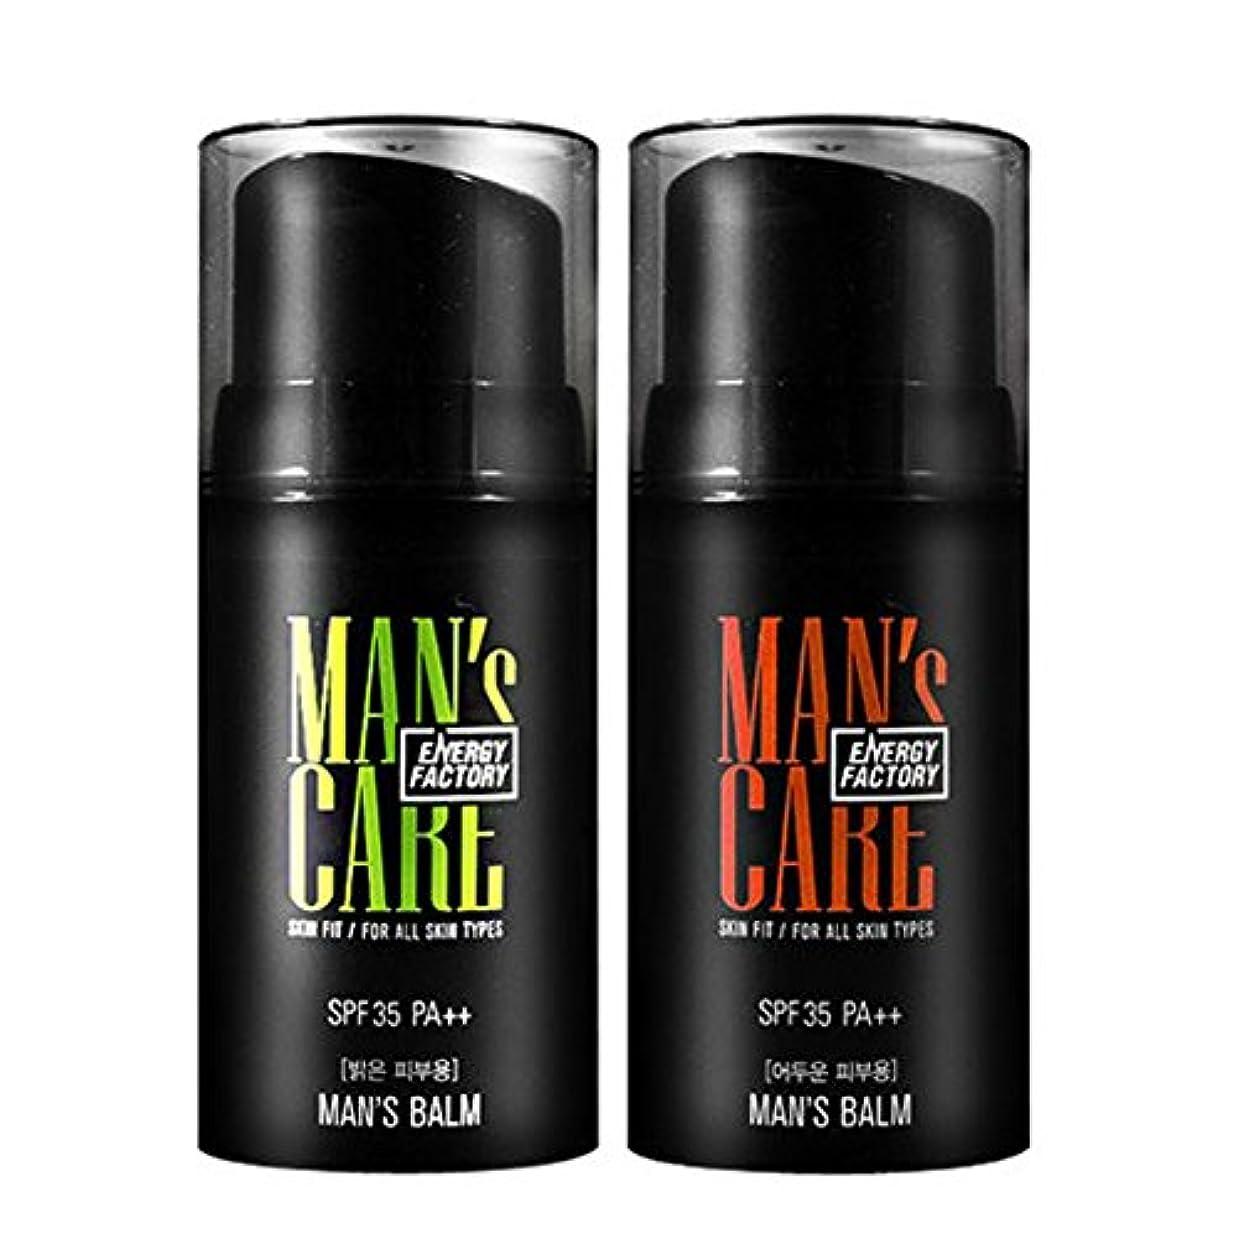 用心深いマザーランド望むメンズケアエネルギーファクトリースキンフィット?マンズ?Balm 50ml x 2本セット(明るい肌用、暗い肌用) メンズコスメ、Man's Care Energy Factory Skin Fit Man's Balm...